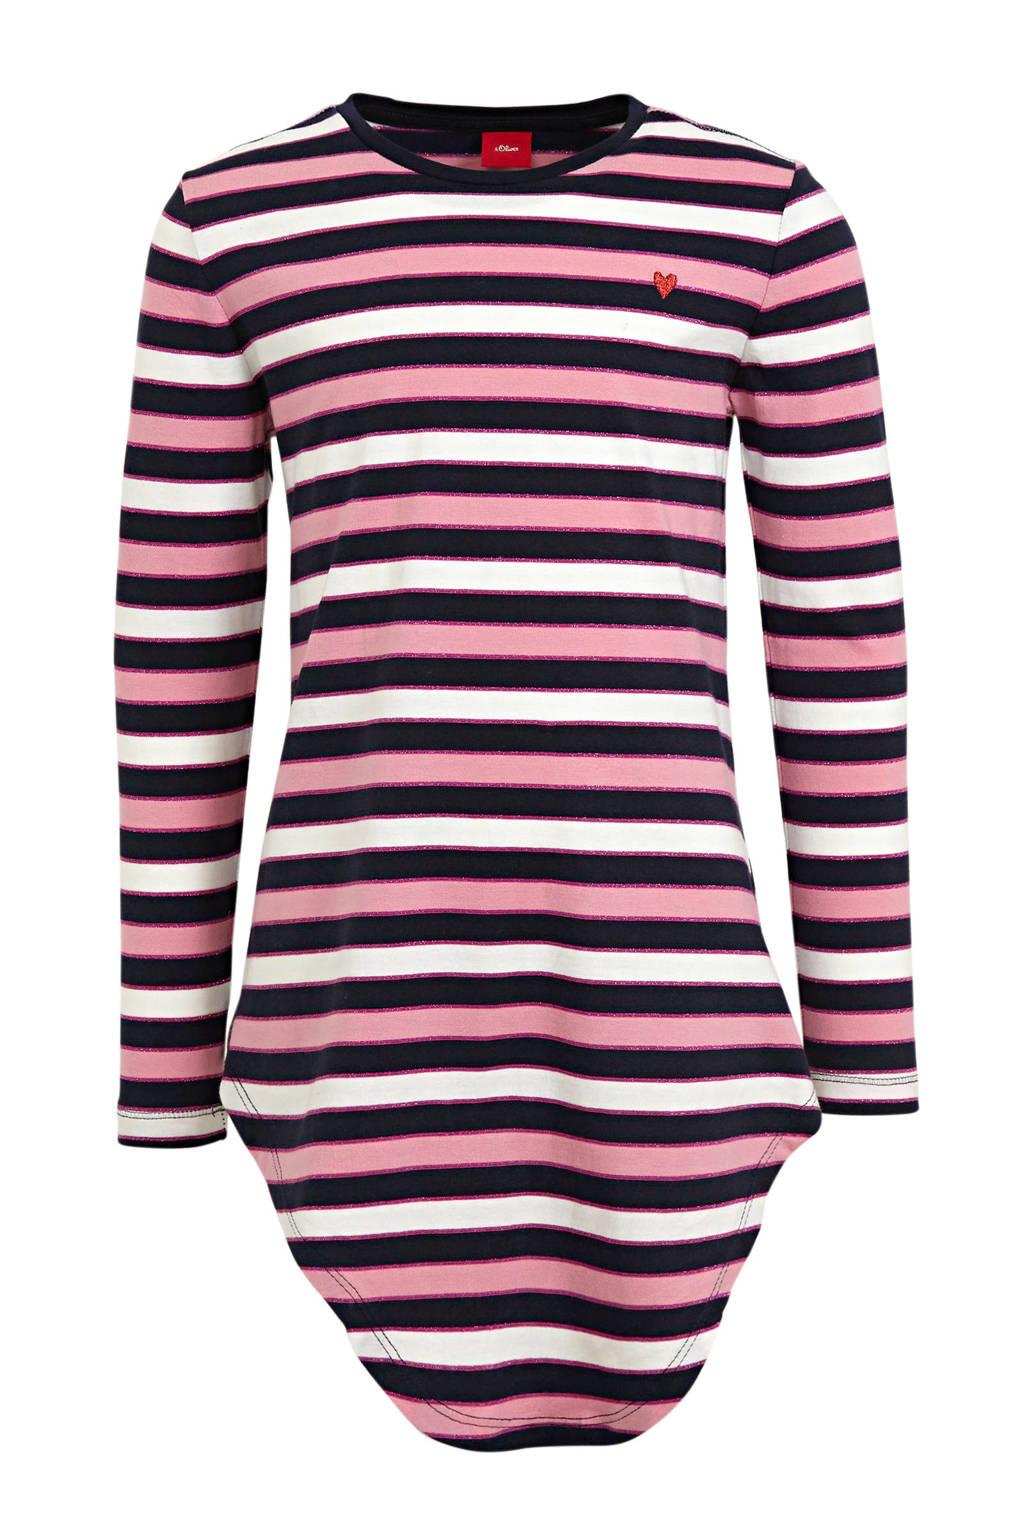 s.Oliver gestreepte longsleeve marine/roze/wit, Marine/roze/wit